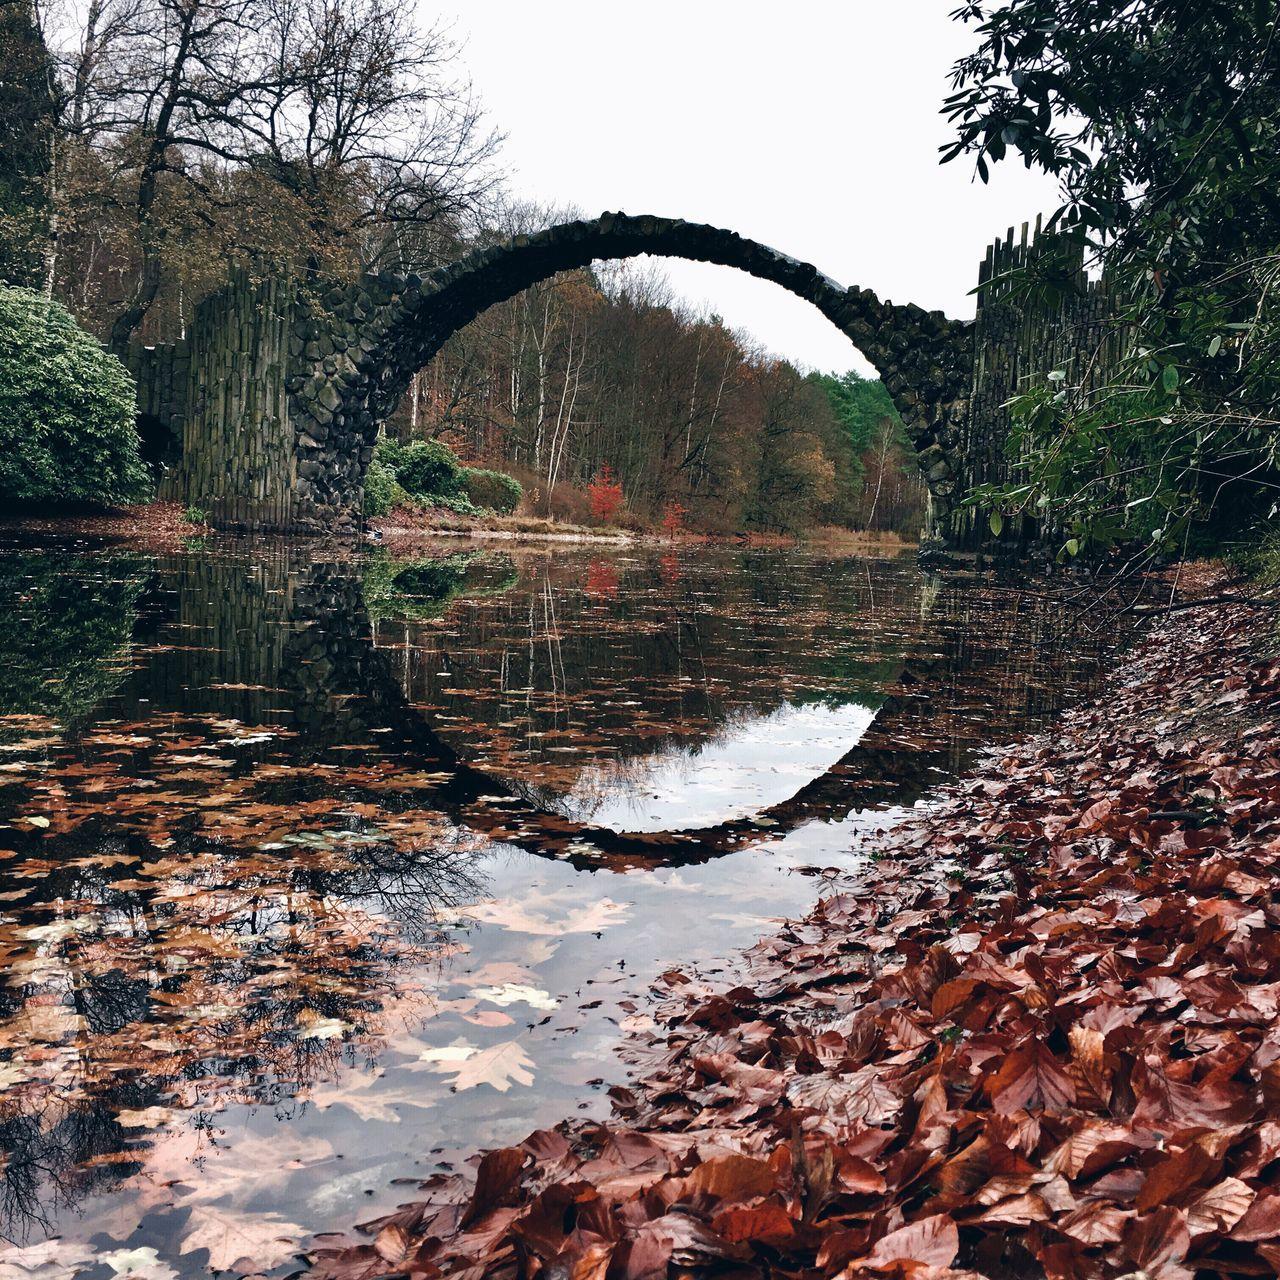 Rakotzbridge Rakotzbrücke Explore Saxony German Nature